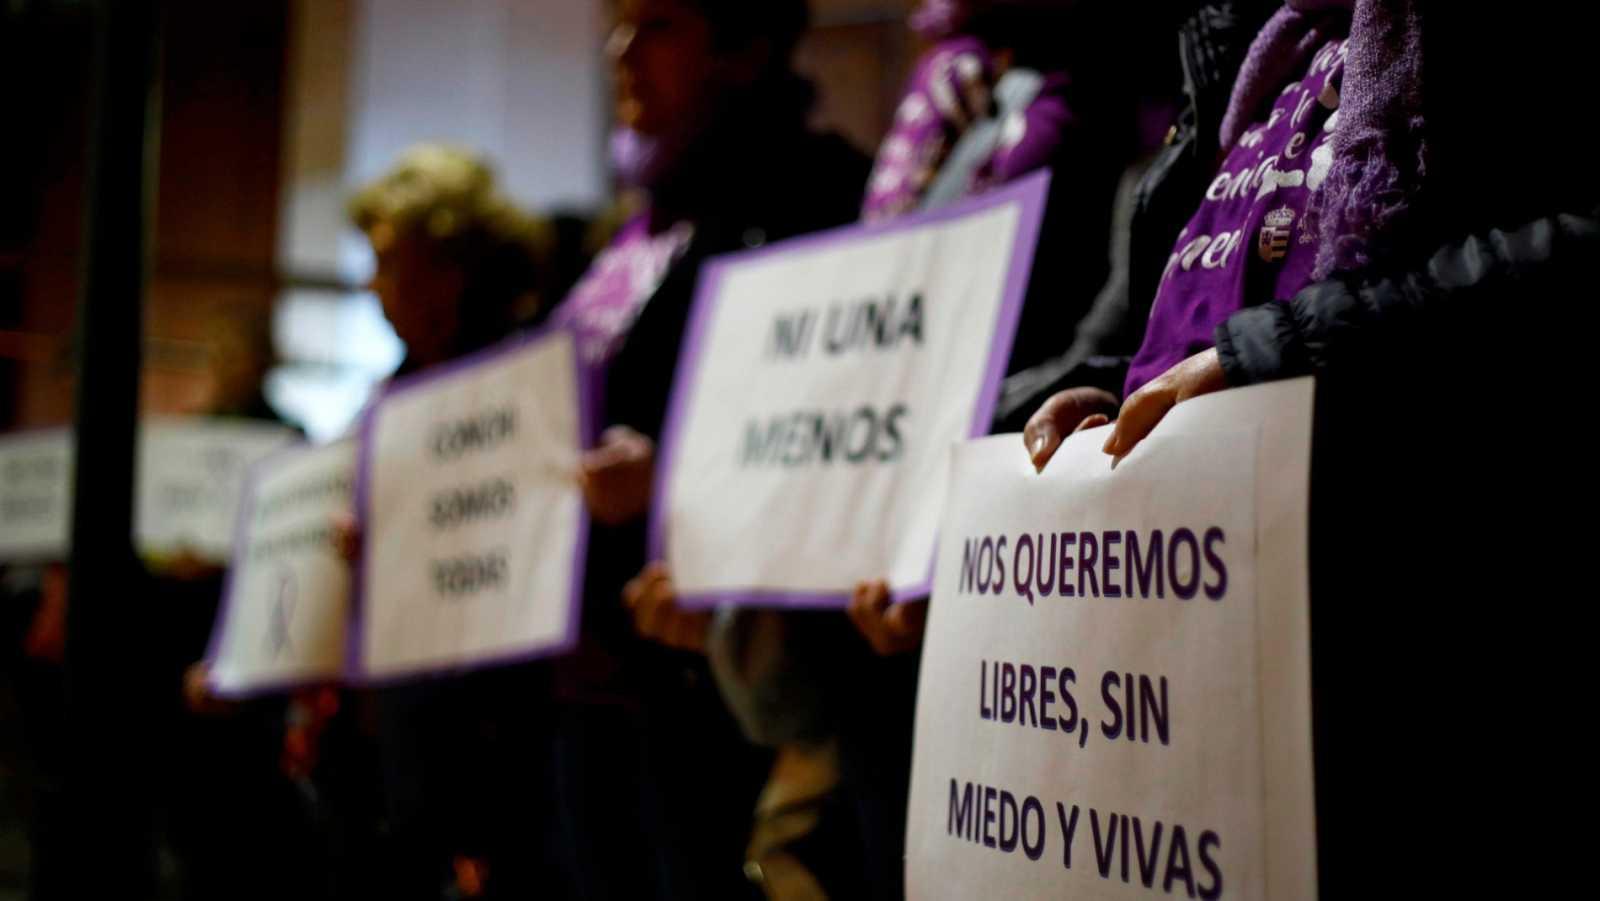 El número de víctimas por violencia de género asciende a 29 en lo que va de año.